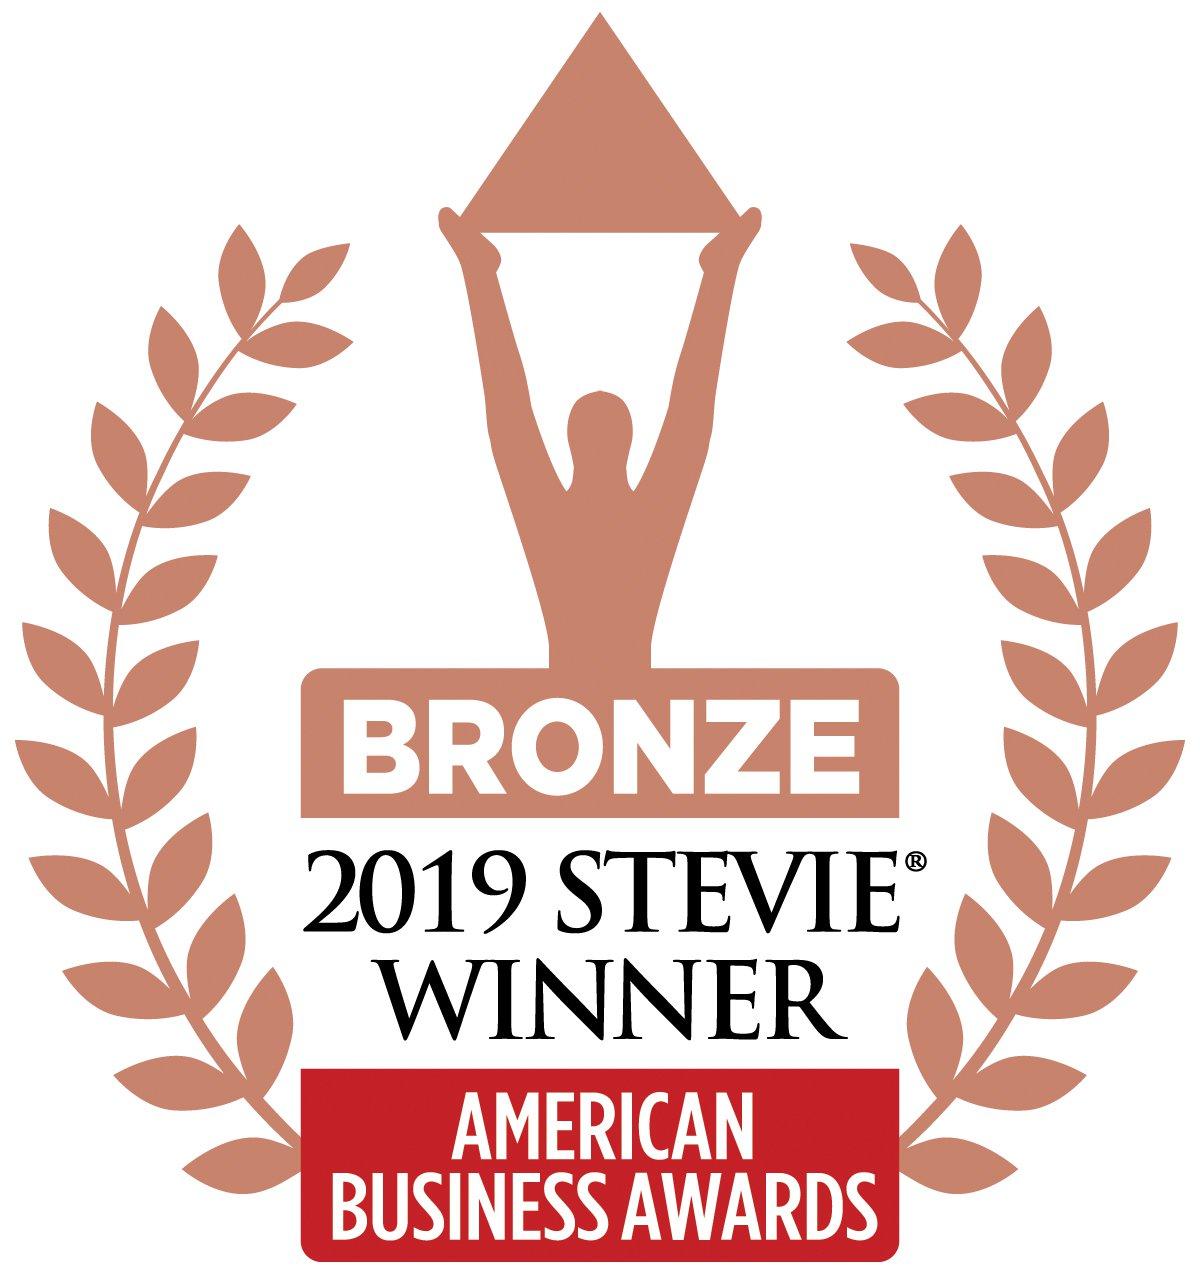 2019 Stevie Winner American Business Award